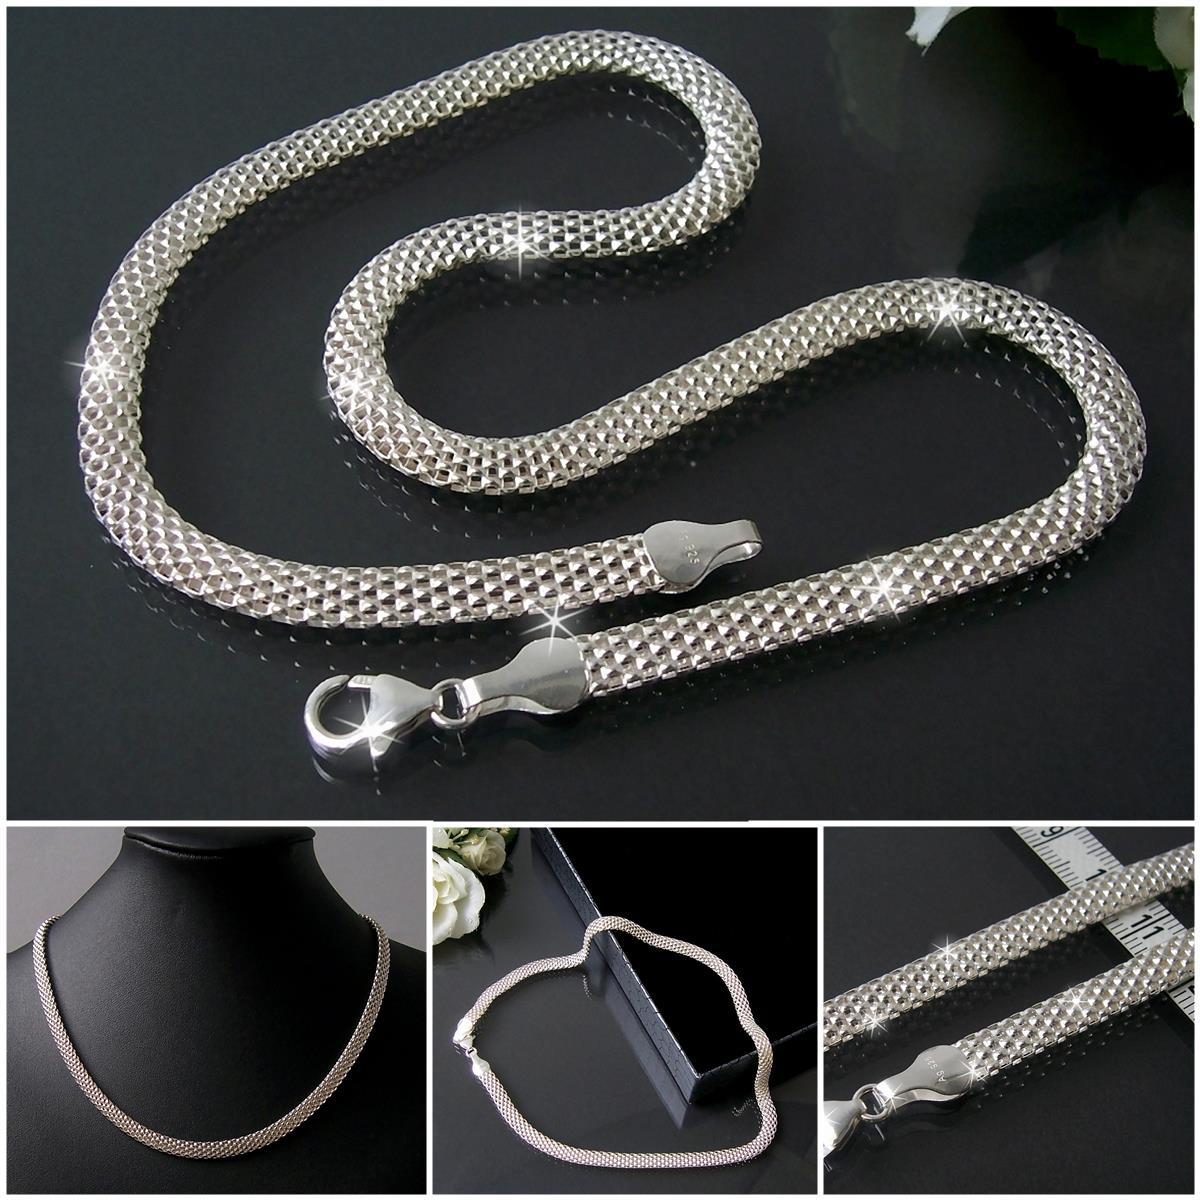 niklarson echt 925 silberschmuck kette armband sterling. Black Bedroom Furniture Sets. Home Design Ideas